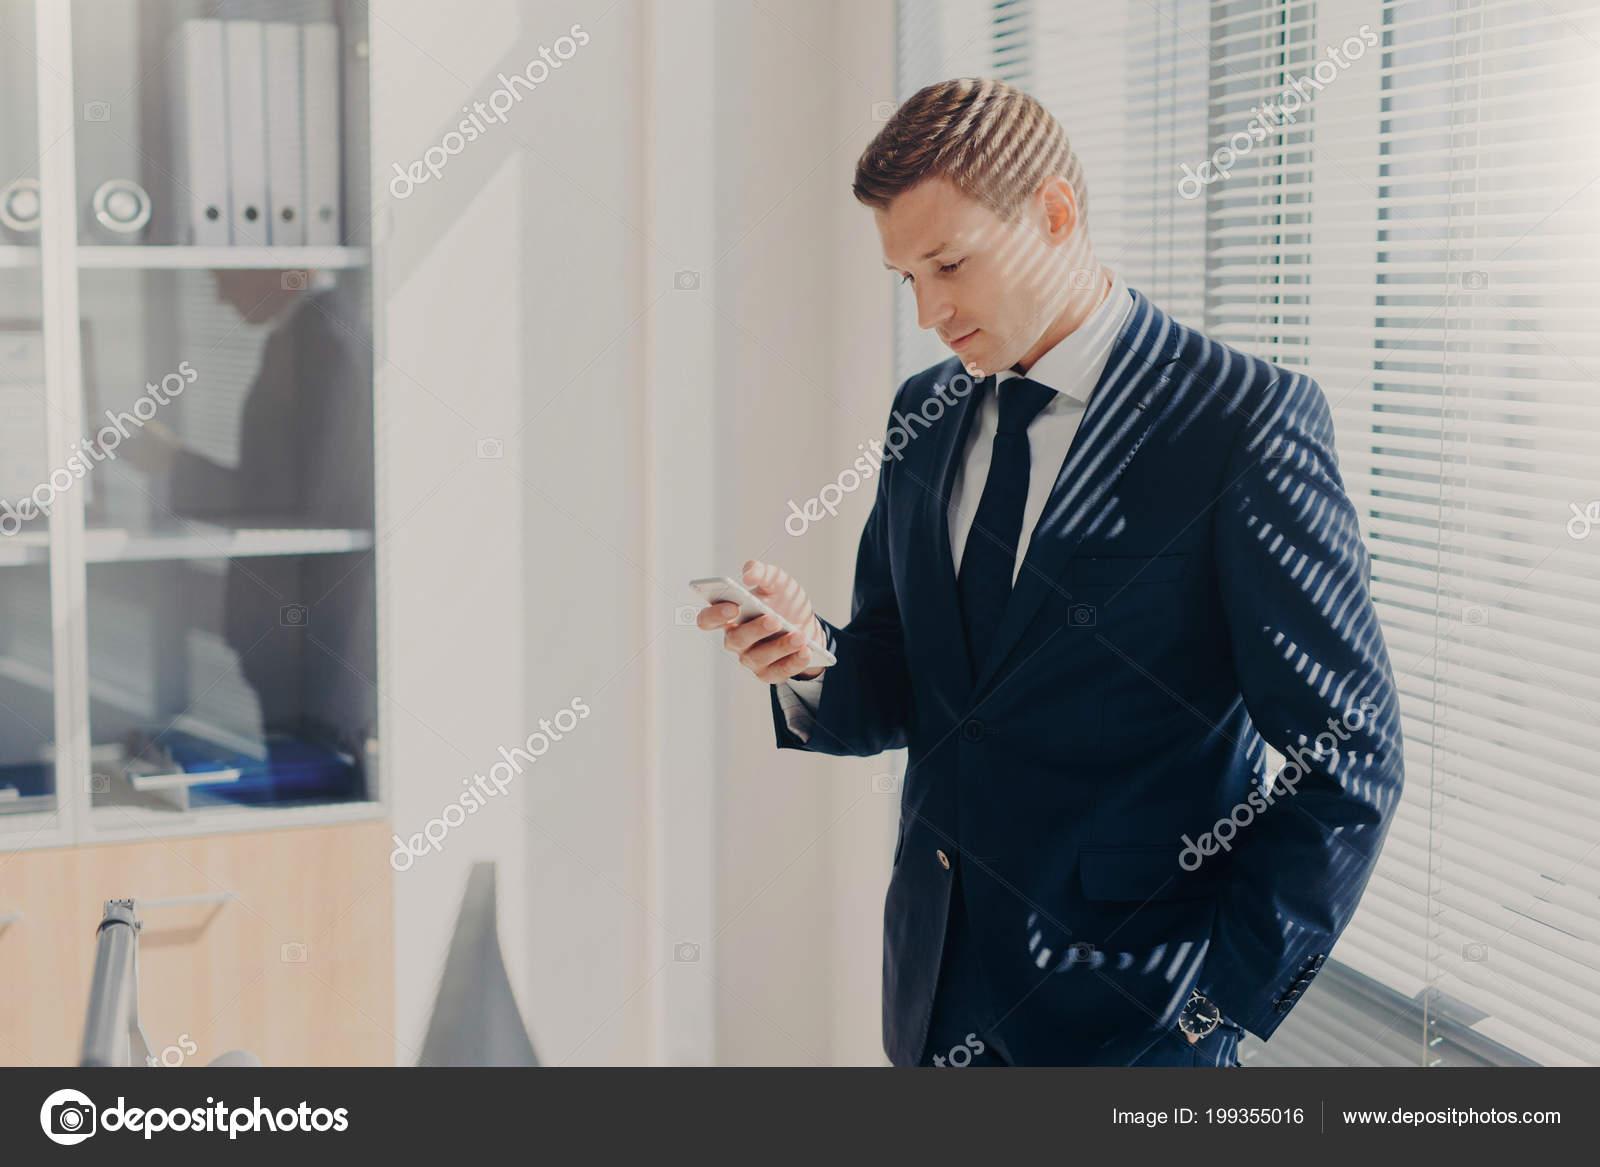 Vestito Elegante Ufficio : Foto ufficio dipendente abito elegante aspetto accattivante